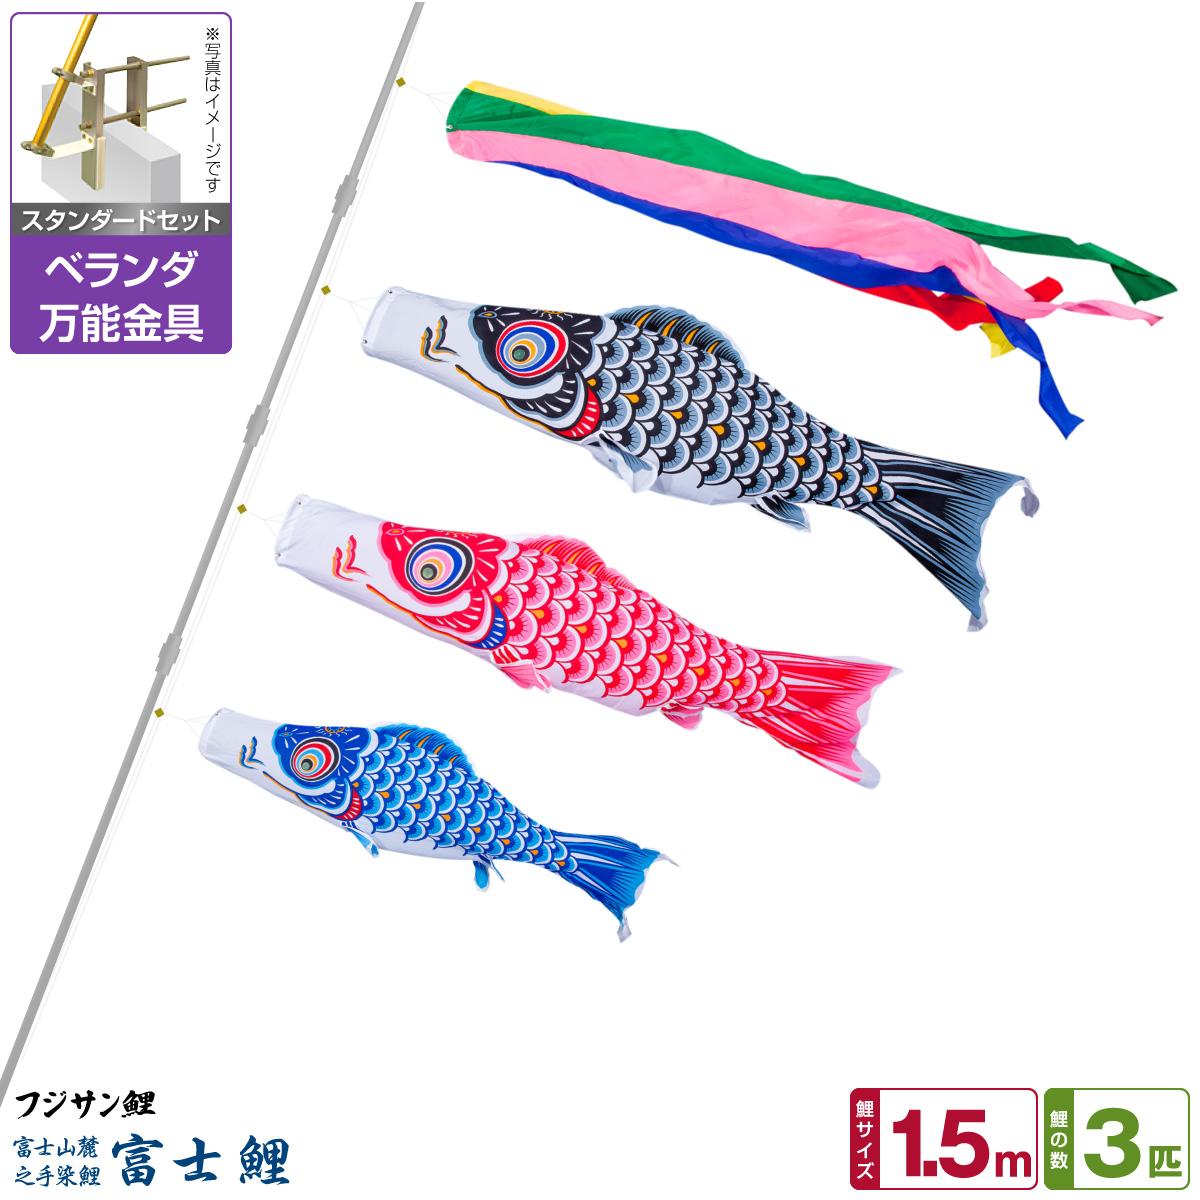 ベランダ用 こいのぼり 鯉のぼり フジサン鯉 富士鯉 1.5m 6点(吹流し+鯉3匹+矢車+ロープ)/スタンダードセット(万能取付金具)